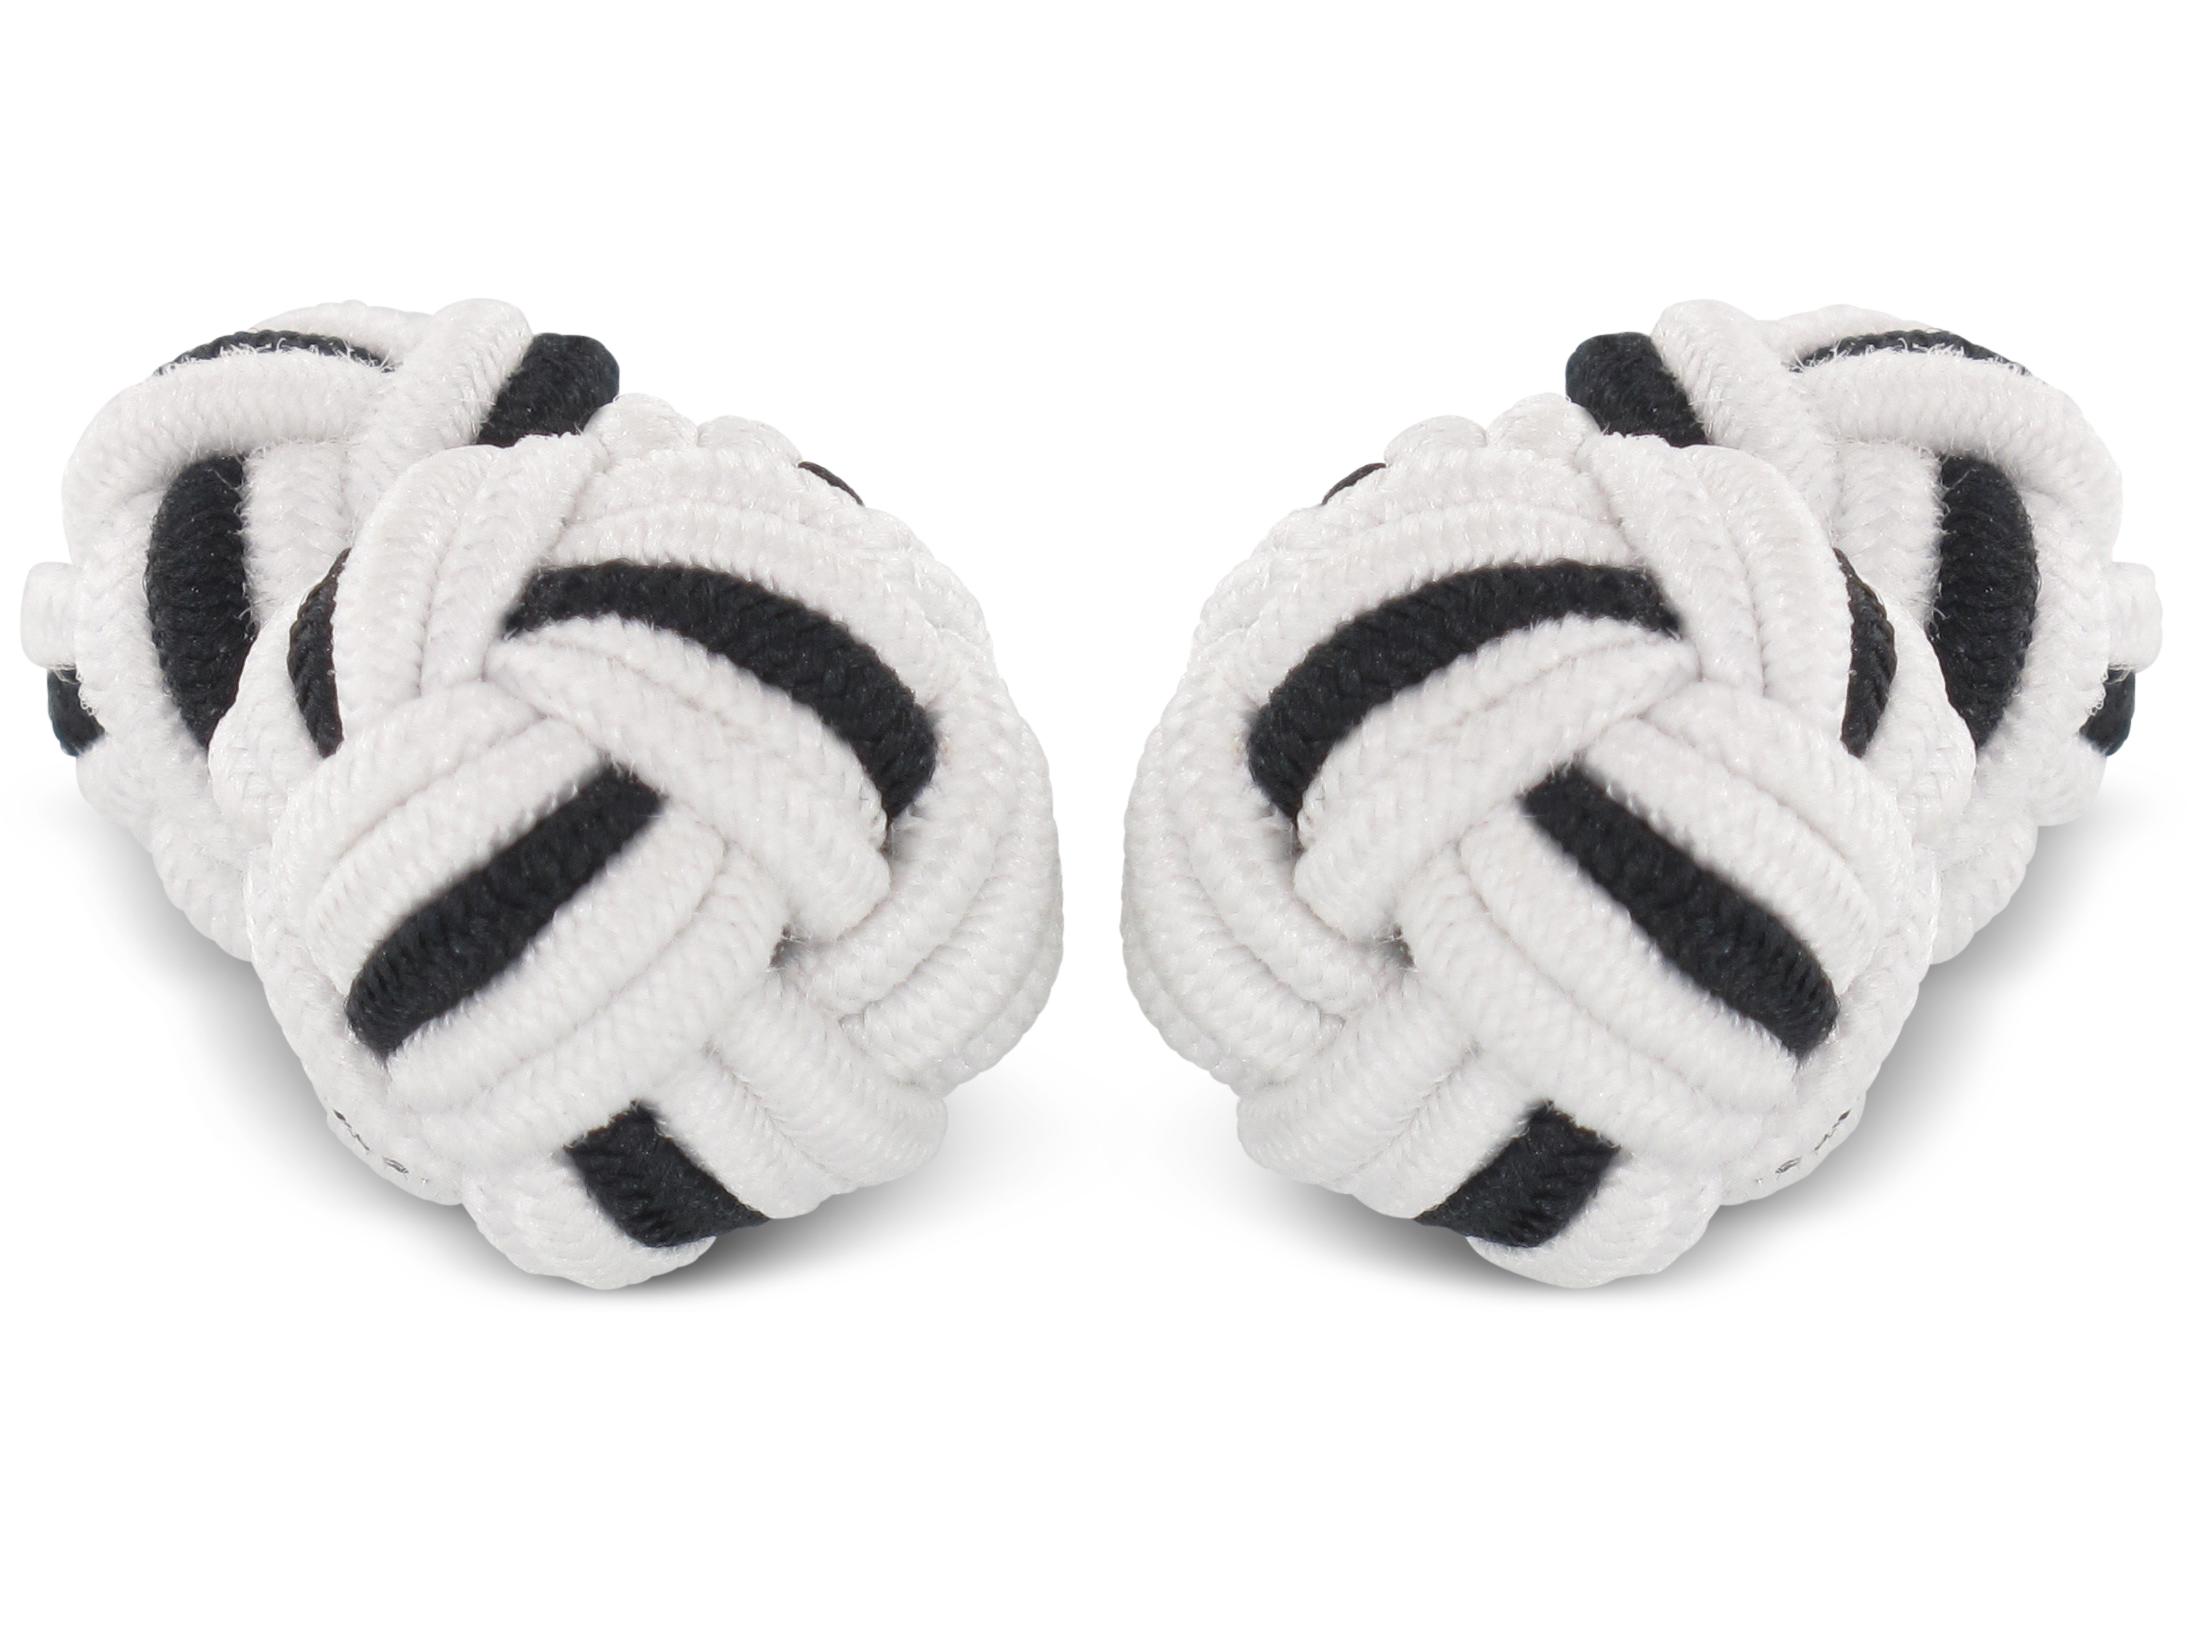 TEROON Manschettenknöpfe Seidenknoten weiß-schwarz